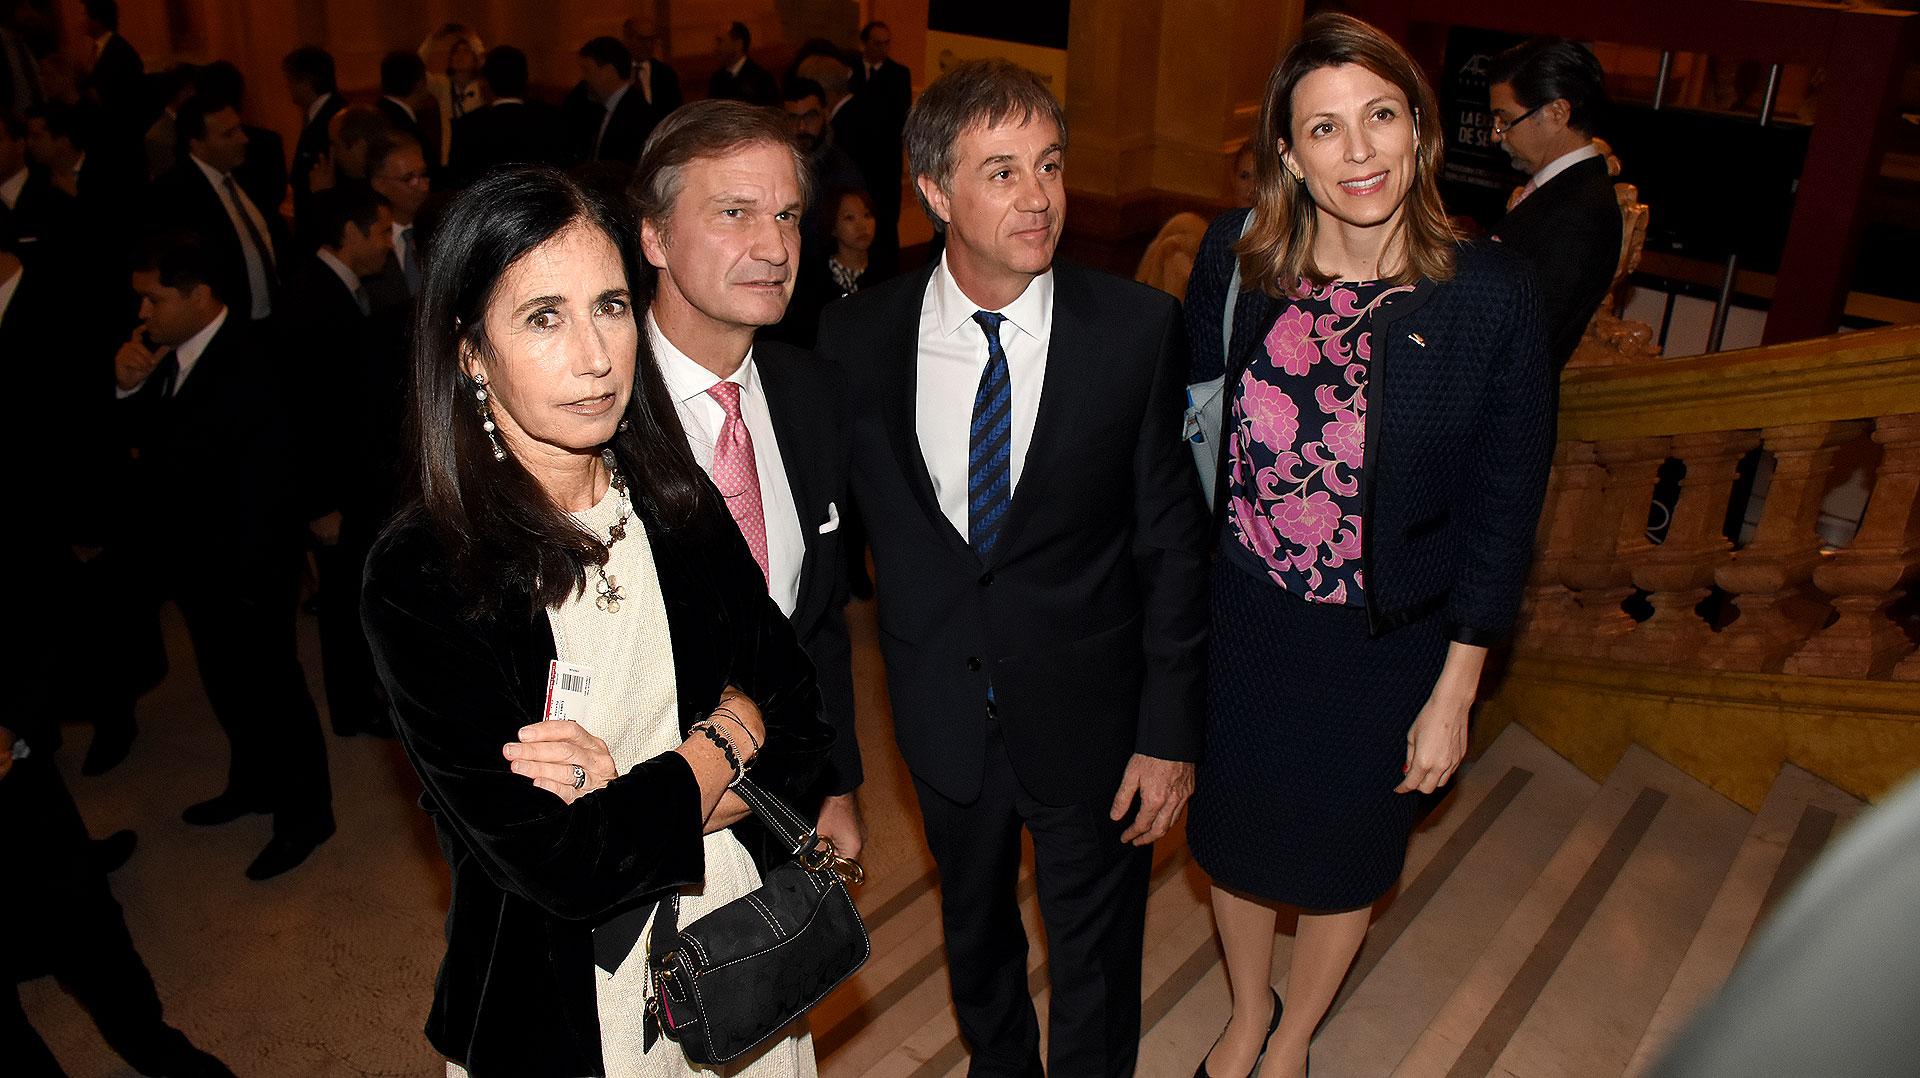 La presidente de Aerolíneas Argentinas, Isela Costantini